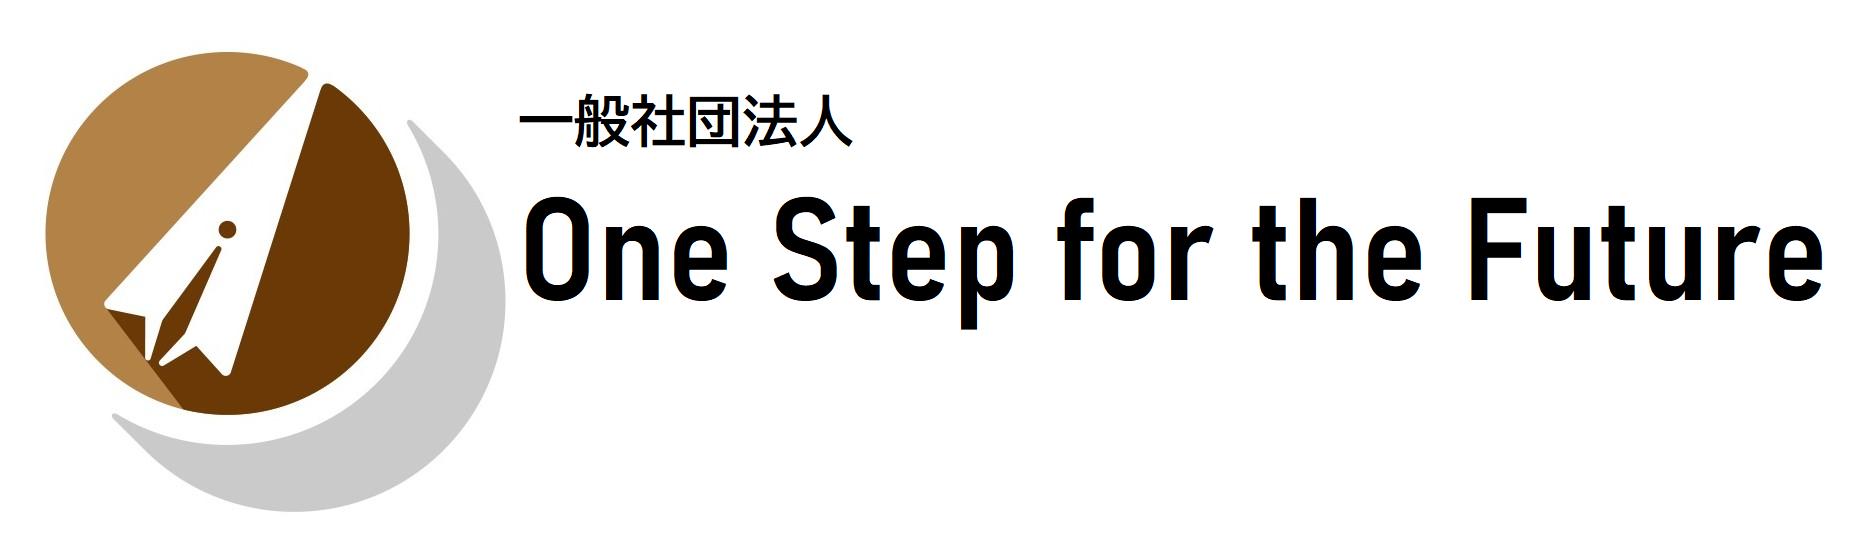 一般社団法人One Step for the Future